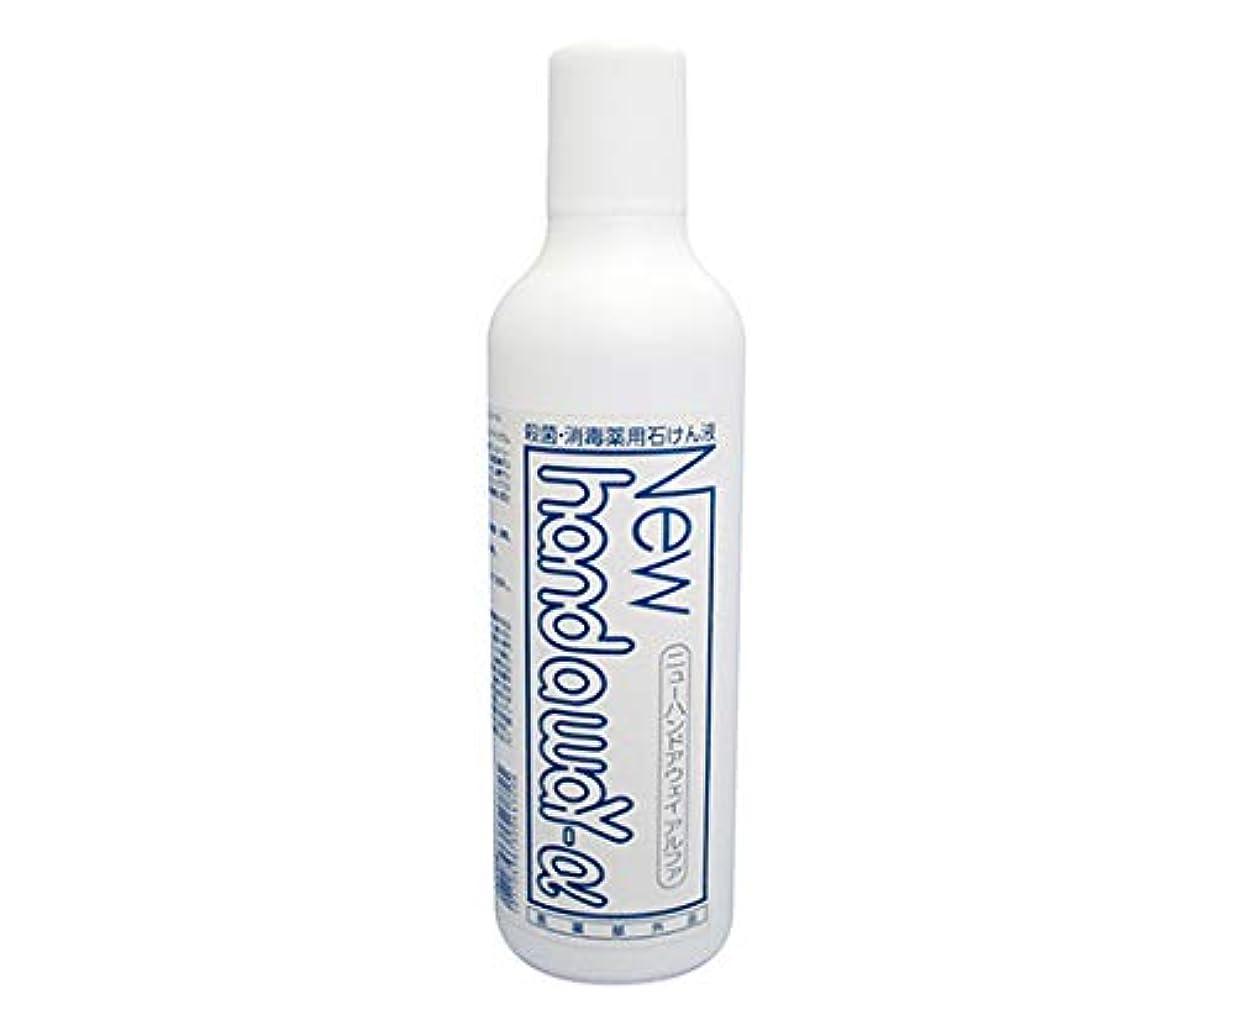 スタンドフェミニン摂氏薬用石けん液 ニューハンドアウェイα ボトルタイプ 400mL